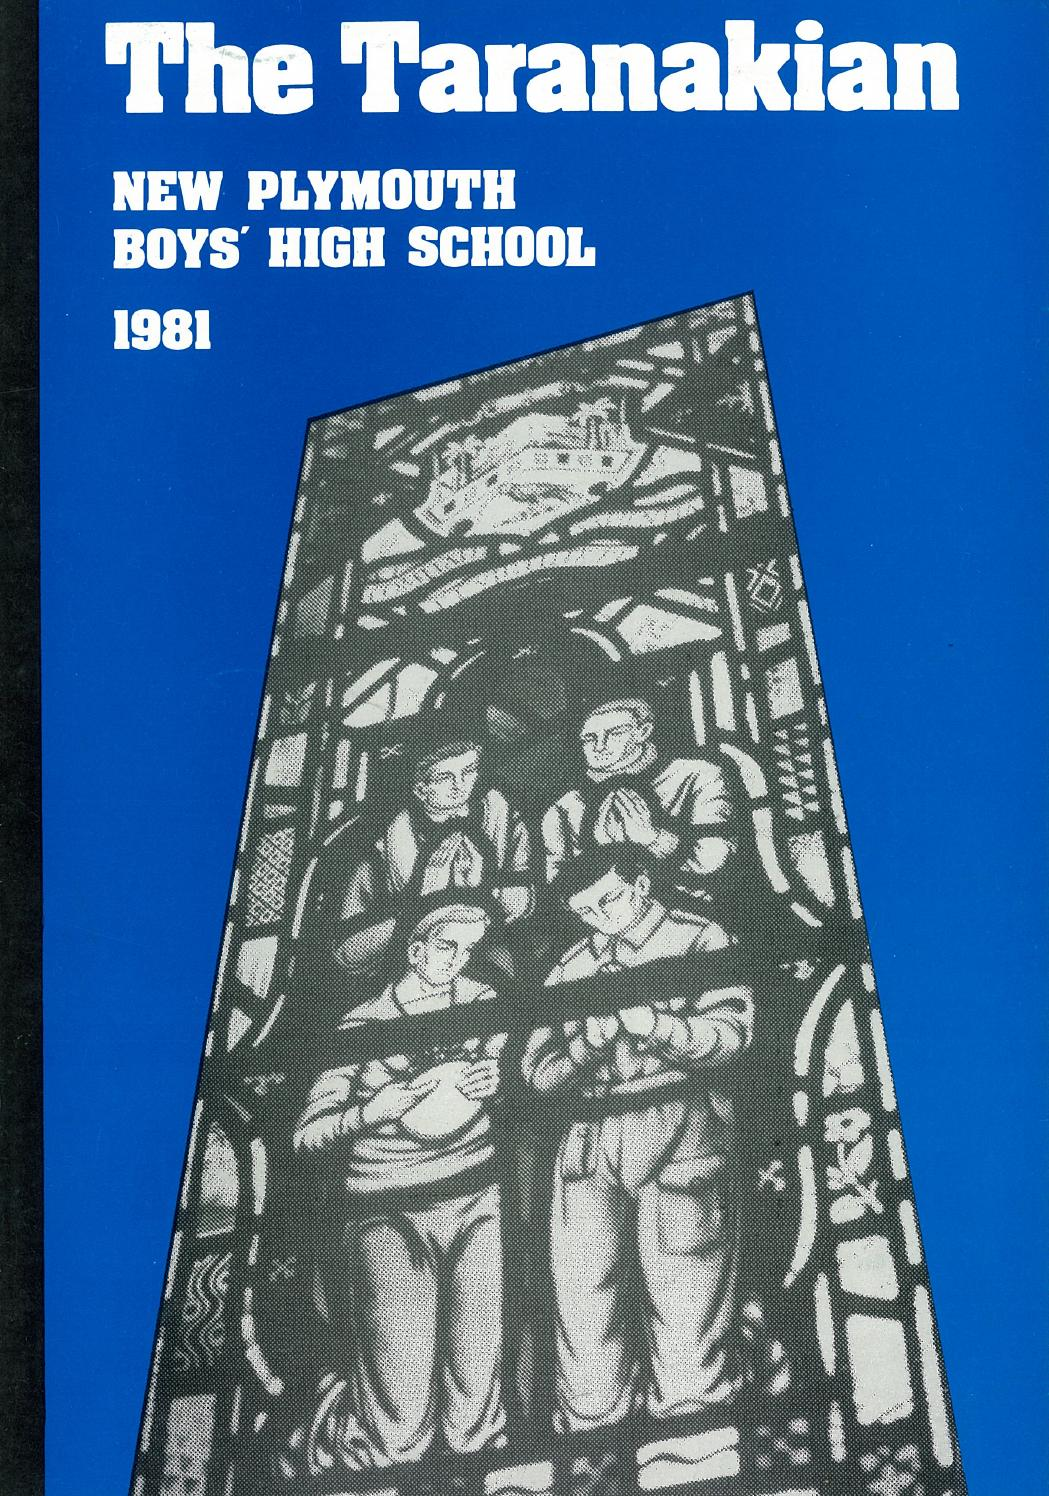 1981 The Taranakian Vol 70 No 1 By New Plymouth Boys